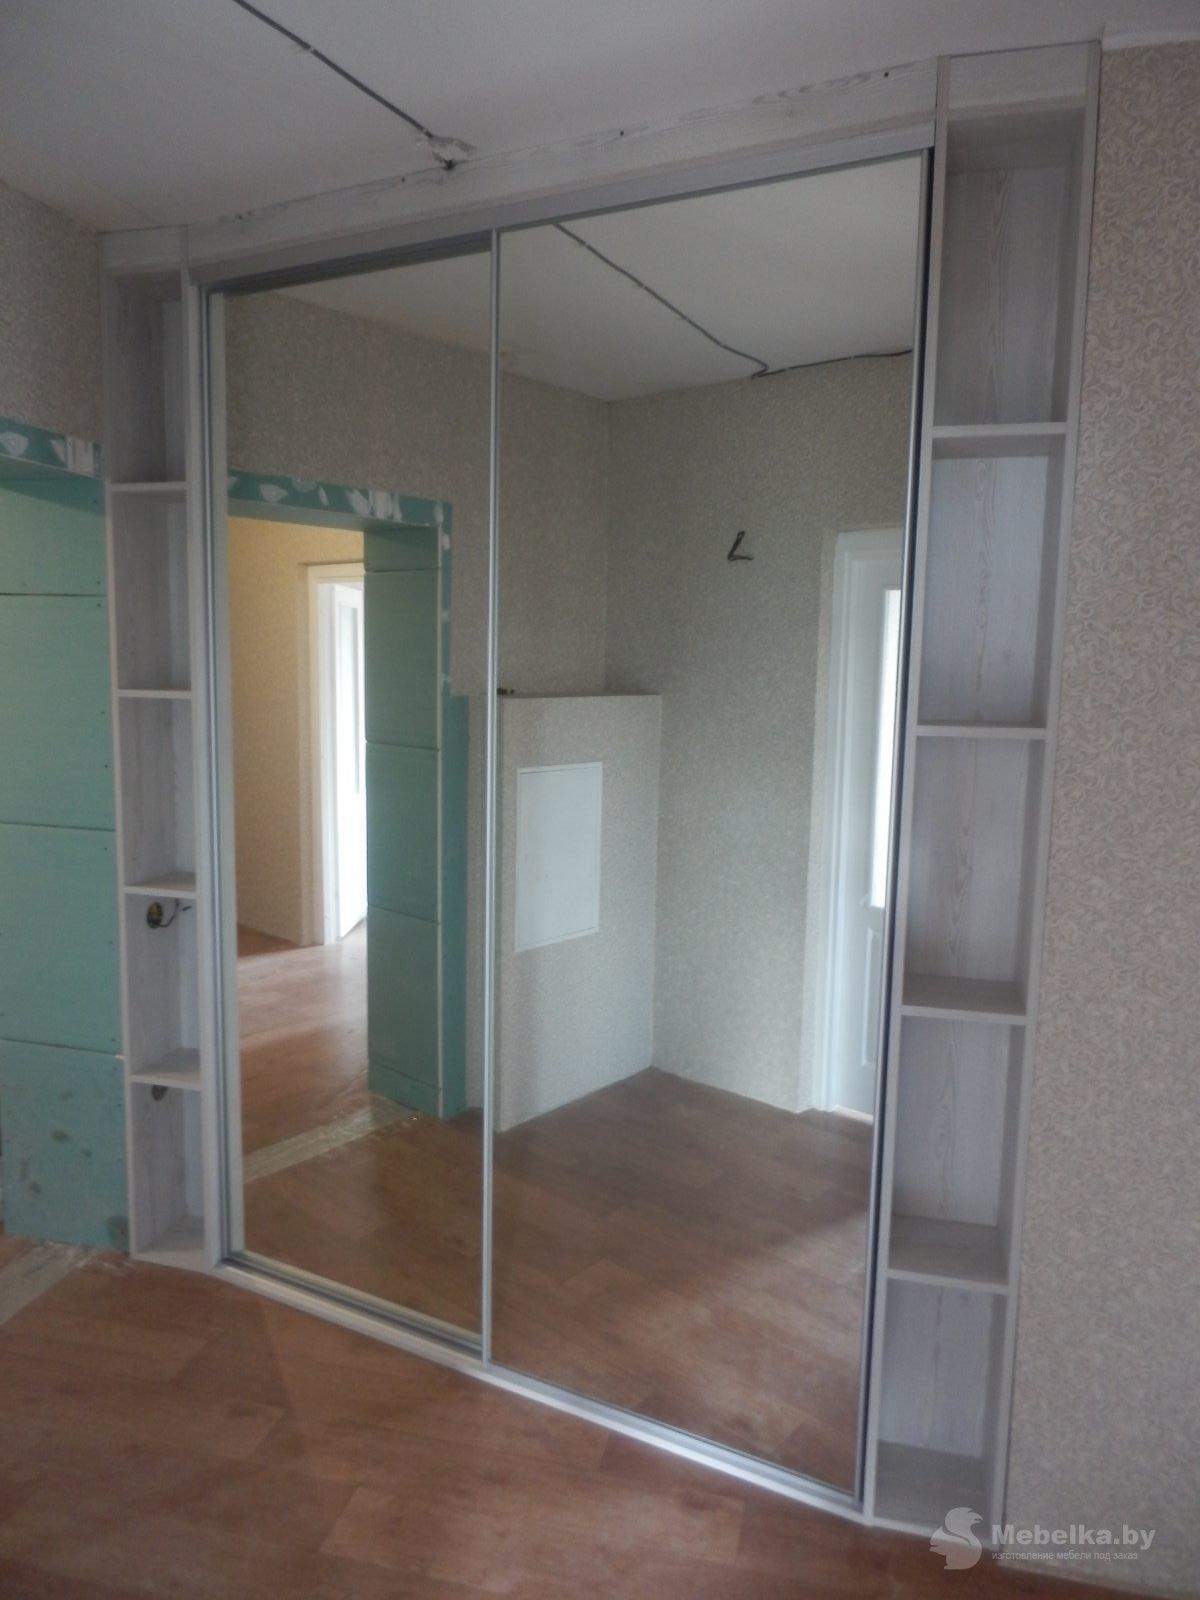 Зеркальные двери гардеробной с открытыми нишами